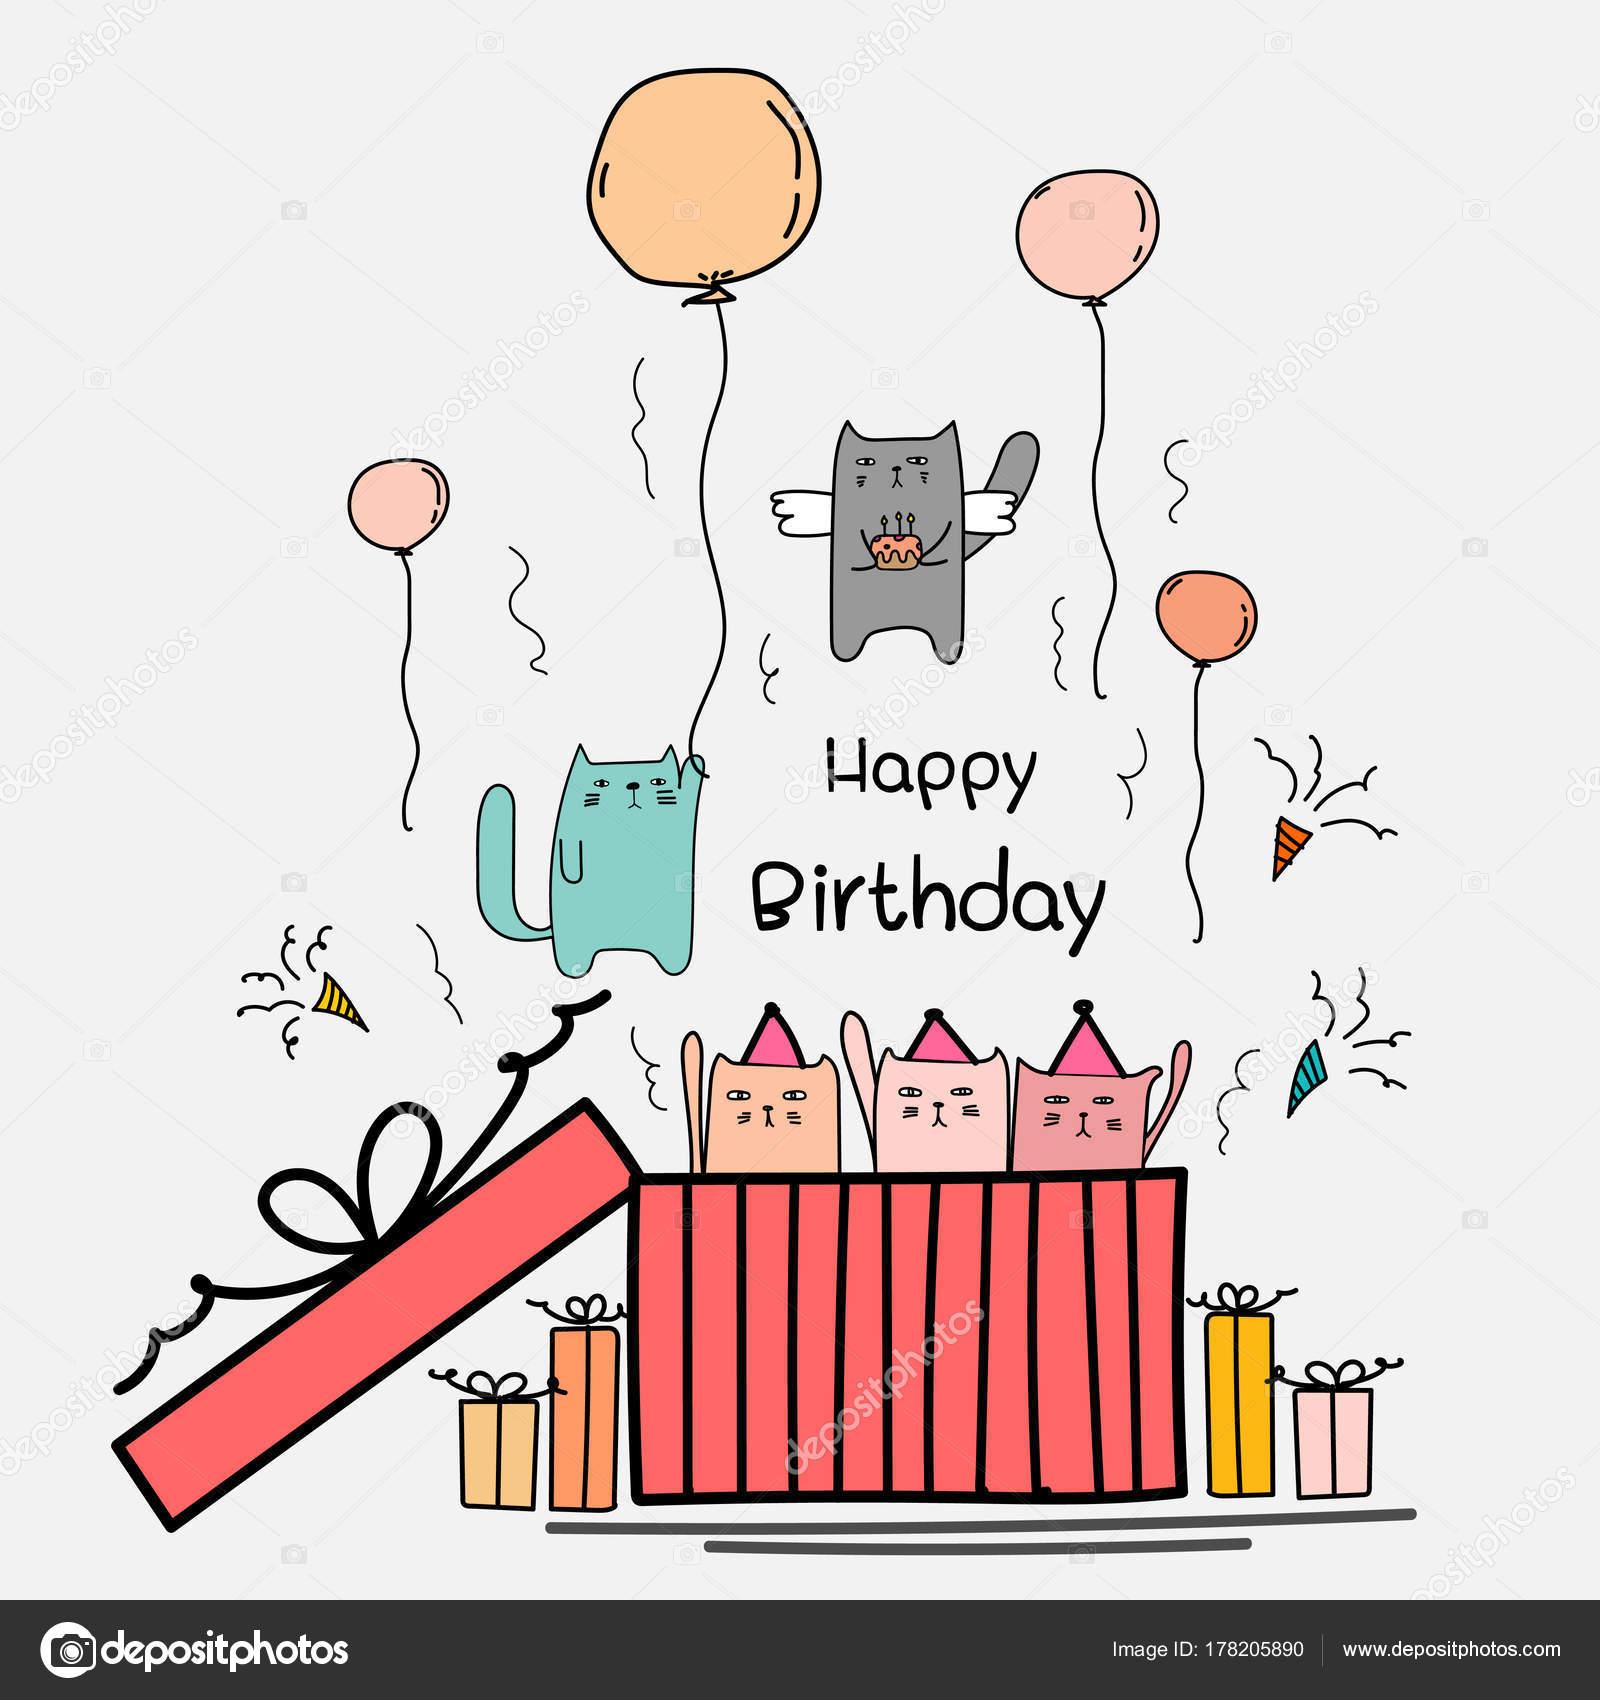 Happy Birthday Card Mit Niedlichen Katze Das Grosse Geschenk Box Stockvektor